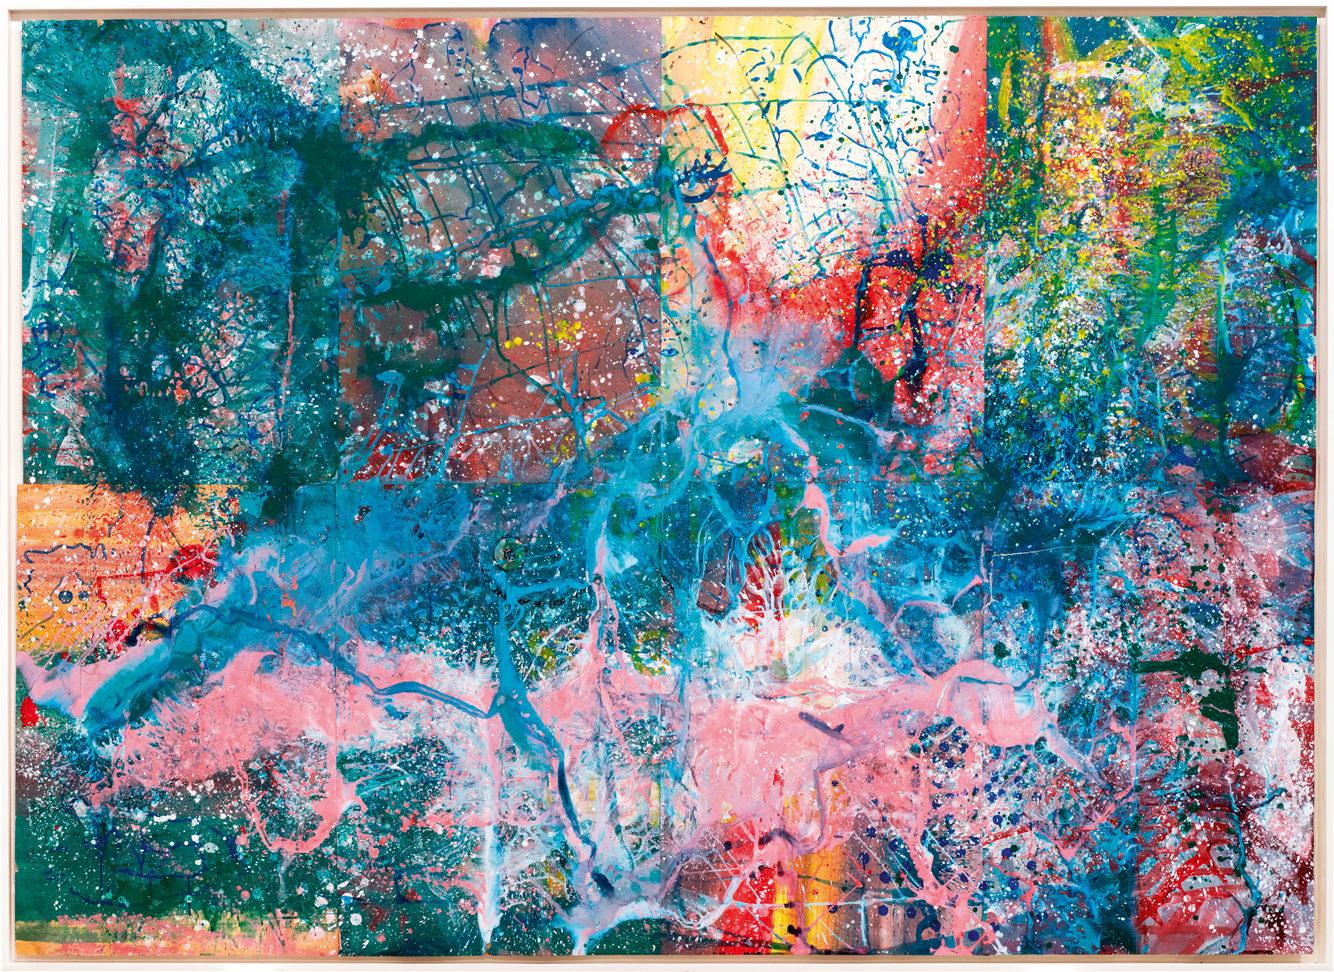 Ohne Titel (vers 1972) de Sigmar Polke, collection Pinault. Courtesy Michael Werner Gallery, New York - The Estate of Sigmar Polke/SIAE, Roma 2016.   Ce qui est merveilleux dans les rétrospectives réussies de grands artistes, c'est qu'elles nous en apprennent autant sur leur travail que sur ce qui fait l'étoffe d'un grand maître. Celle que le Palazzo Grassi, à Venise, consacre àl'Allemand Sigmar Polke (1941-2010), nous enseigne ainsi qu'un peintre majeur est un alchimiste de la couleur, de la forme et de la matière… et que Polke fut à cet égard un génie. L'expérimentation traverse son travail dès les années60, mêmesi elle devient plus évidente dans les années80. Elle passe évidemment par ce qui fonda sa renommée d'artiste pop: le détournement de la photographie utilisée comme source de ses tableaux. Elle passe aussi par un recours à des outils singuliers –du photocopieur à la ponceuse– pour réaliser ses peintures. Sans oublier l'usage inspirant qu'il fit des psychotropes dans les années70. Mais c'est surtout l'emploi de matières originales qui fascine. Dans l'exposition, on pourraiten effet passer son temps à lire les cartels des œuvres, qui recèlent une poésie étrange et cryptique: caséine, émail, spray, malachite, résine, laques et pigments divers, oxyde d'argent, encre, mica ferreux… On est en plein laboratoire. Chez Polke, la quête incessante de nouvelles couleurs et de nouveaux effets est non seulement une manière de réinventer la peinture, mais aussi d'en faire un art pleinement vivant. Les vidéos présentées à Venise sont édifiantes. On y voit le peintre en pleine activité face à la toile, chalumeau à la main, comme le véritable artisan qu'il était. Ou encore des coulures filmées en gros plan telles des rivières de magma sur ses tableaux monumentaux. Le résultat, qu'il s'agisse d'une peinture figurative ou abstraite (chez Polke, les deux se mêlent), est toujours autant halluciné que mystérieux.